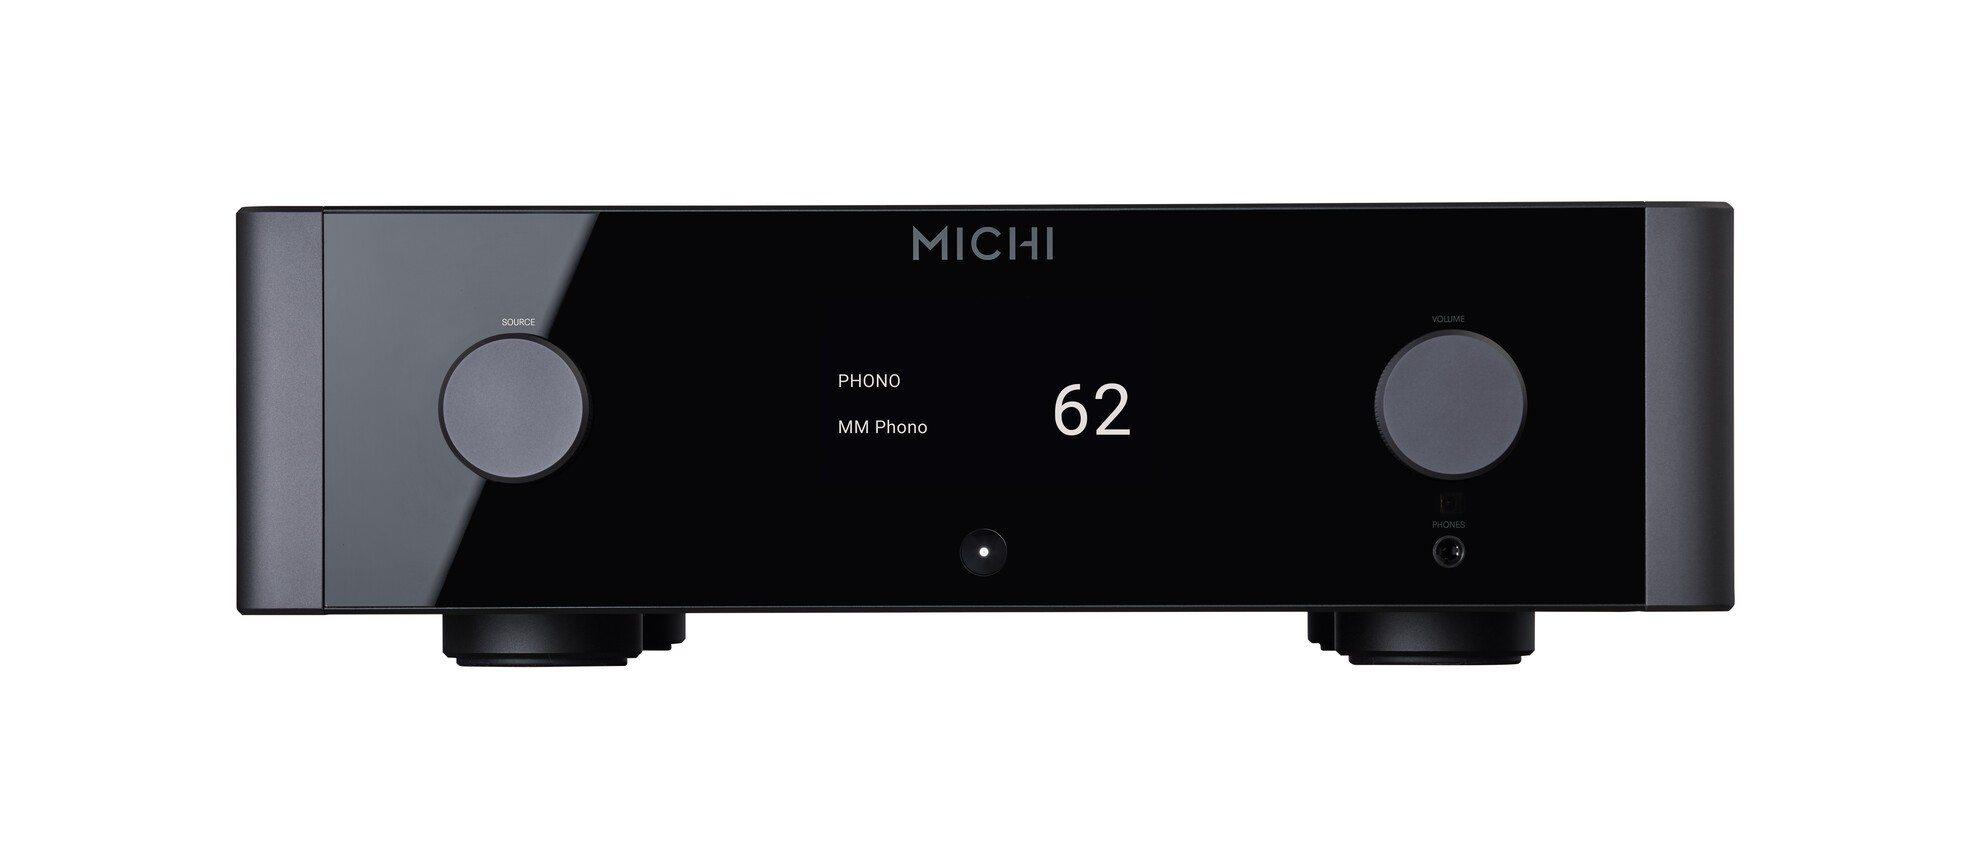 Michi P5